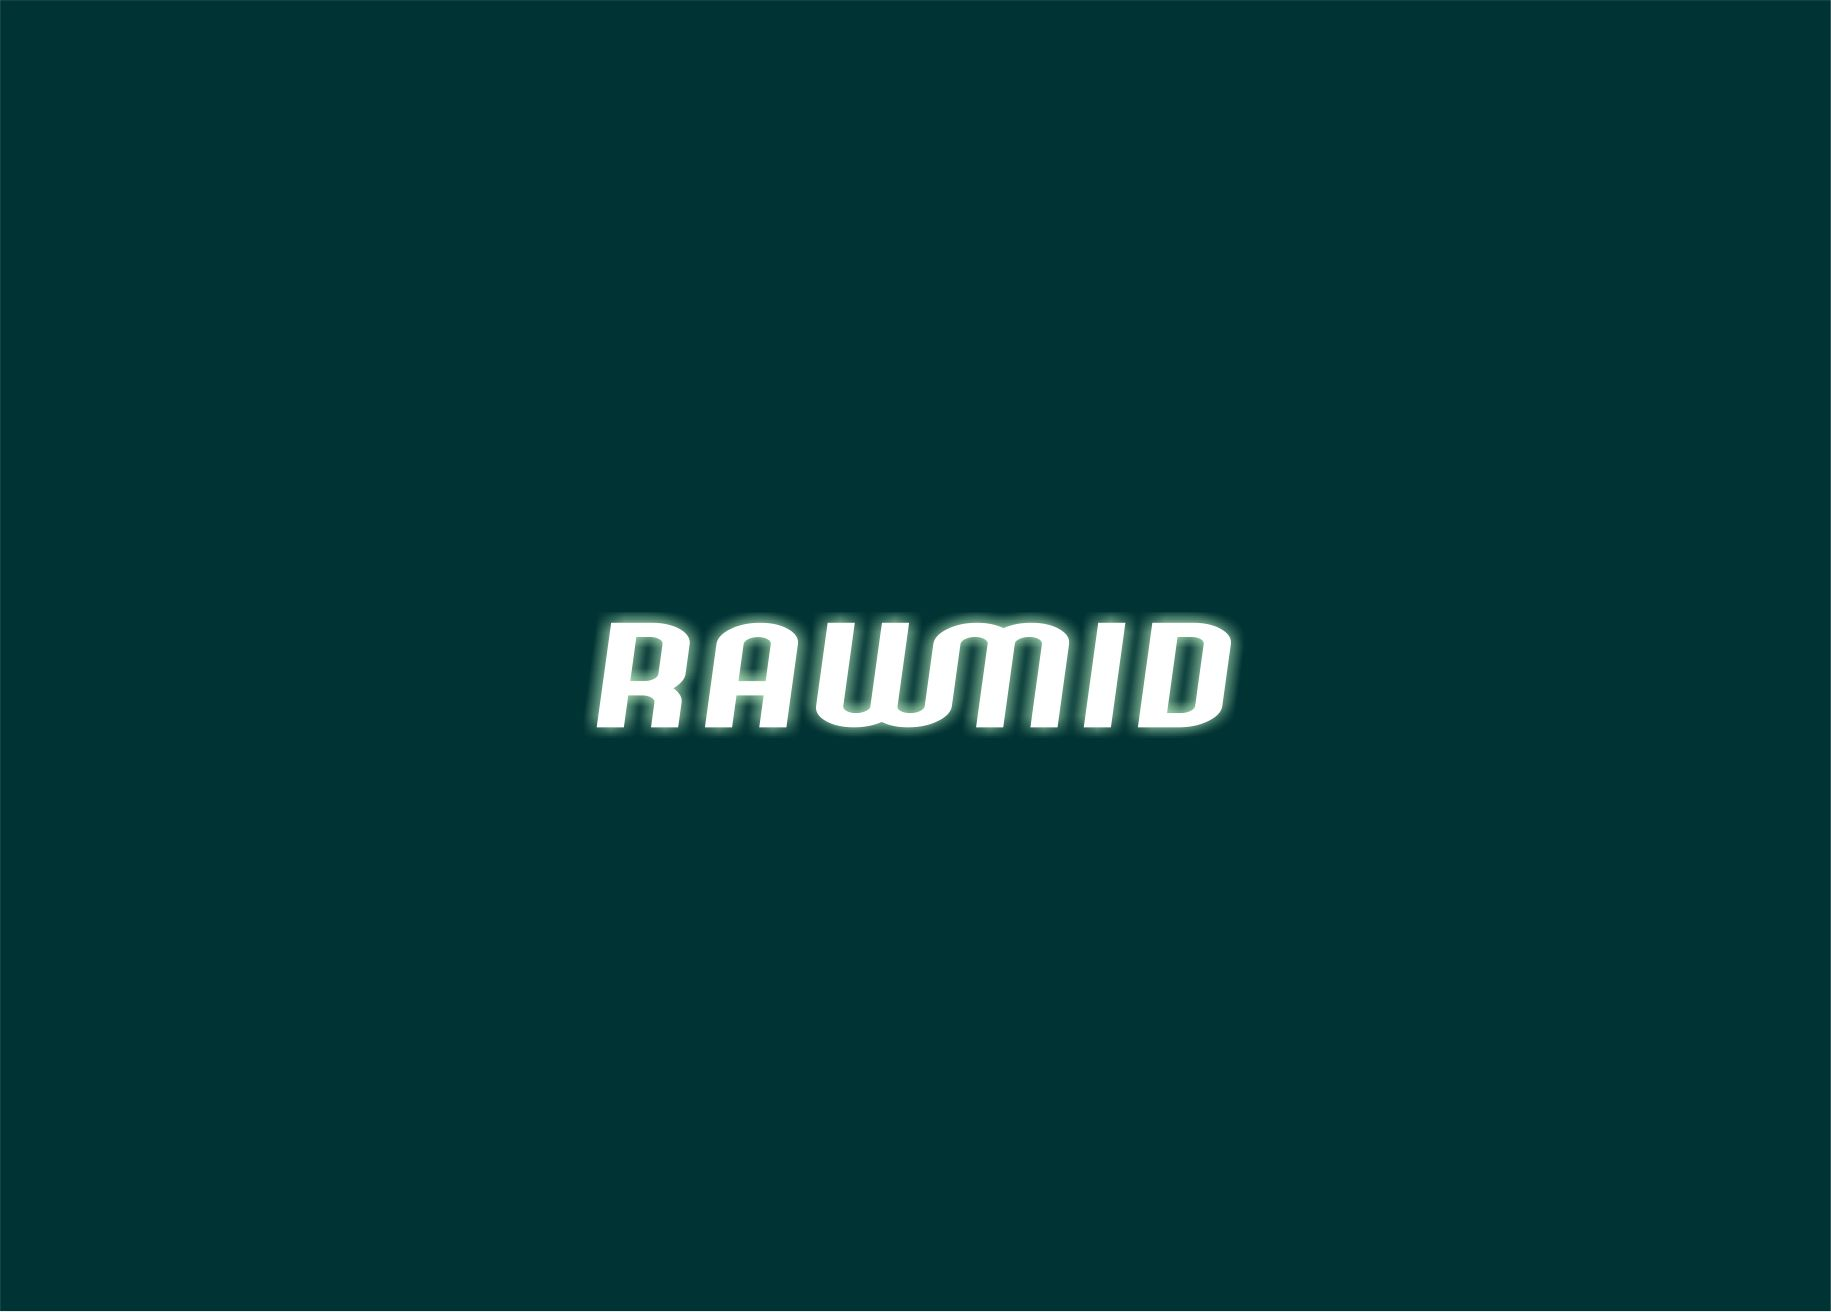 Создать логотип (буквенная часть) для бренда бытовой техники фото f_1965b341449b4070.jpg